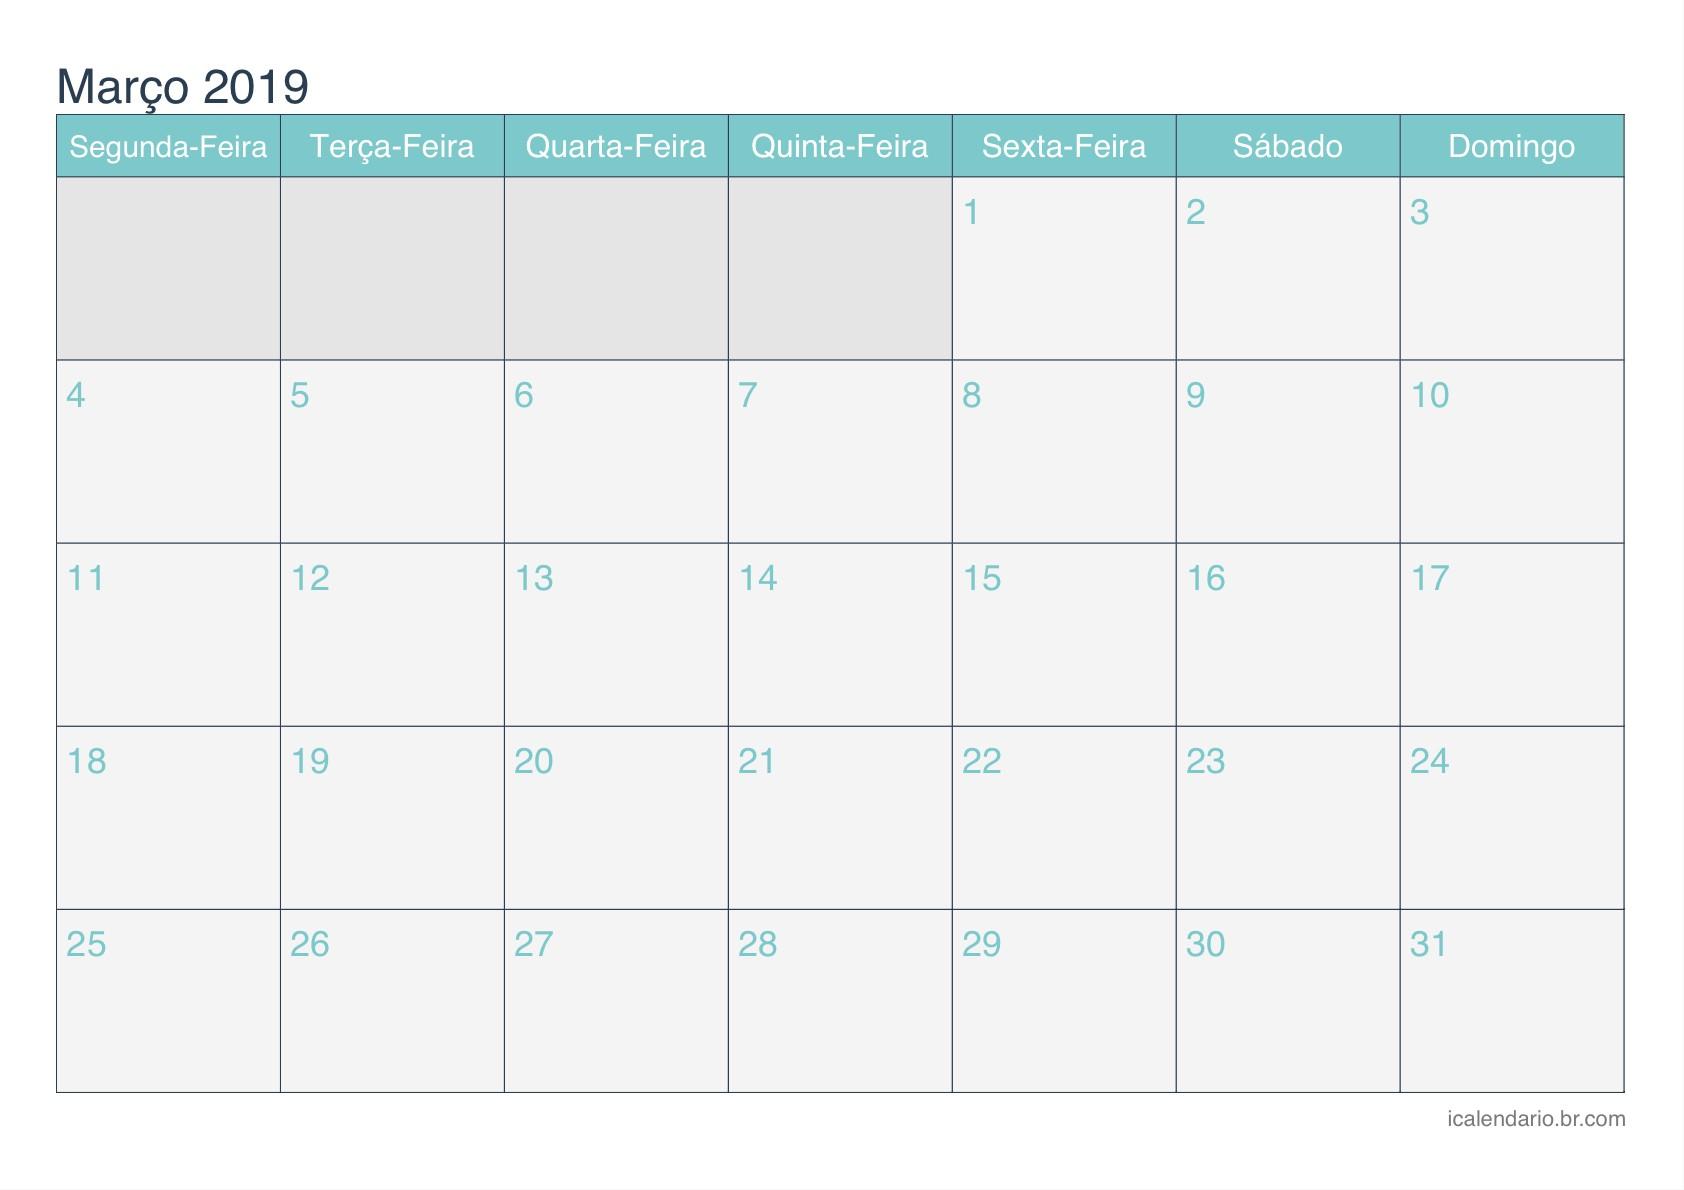 calendario marco 2019 turquesa